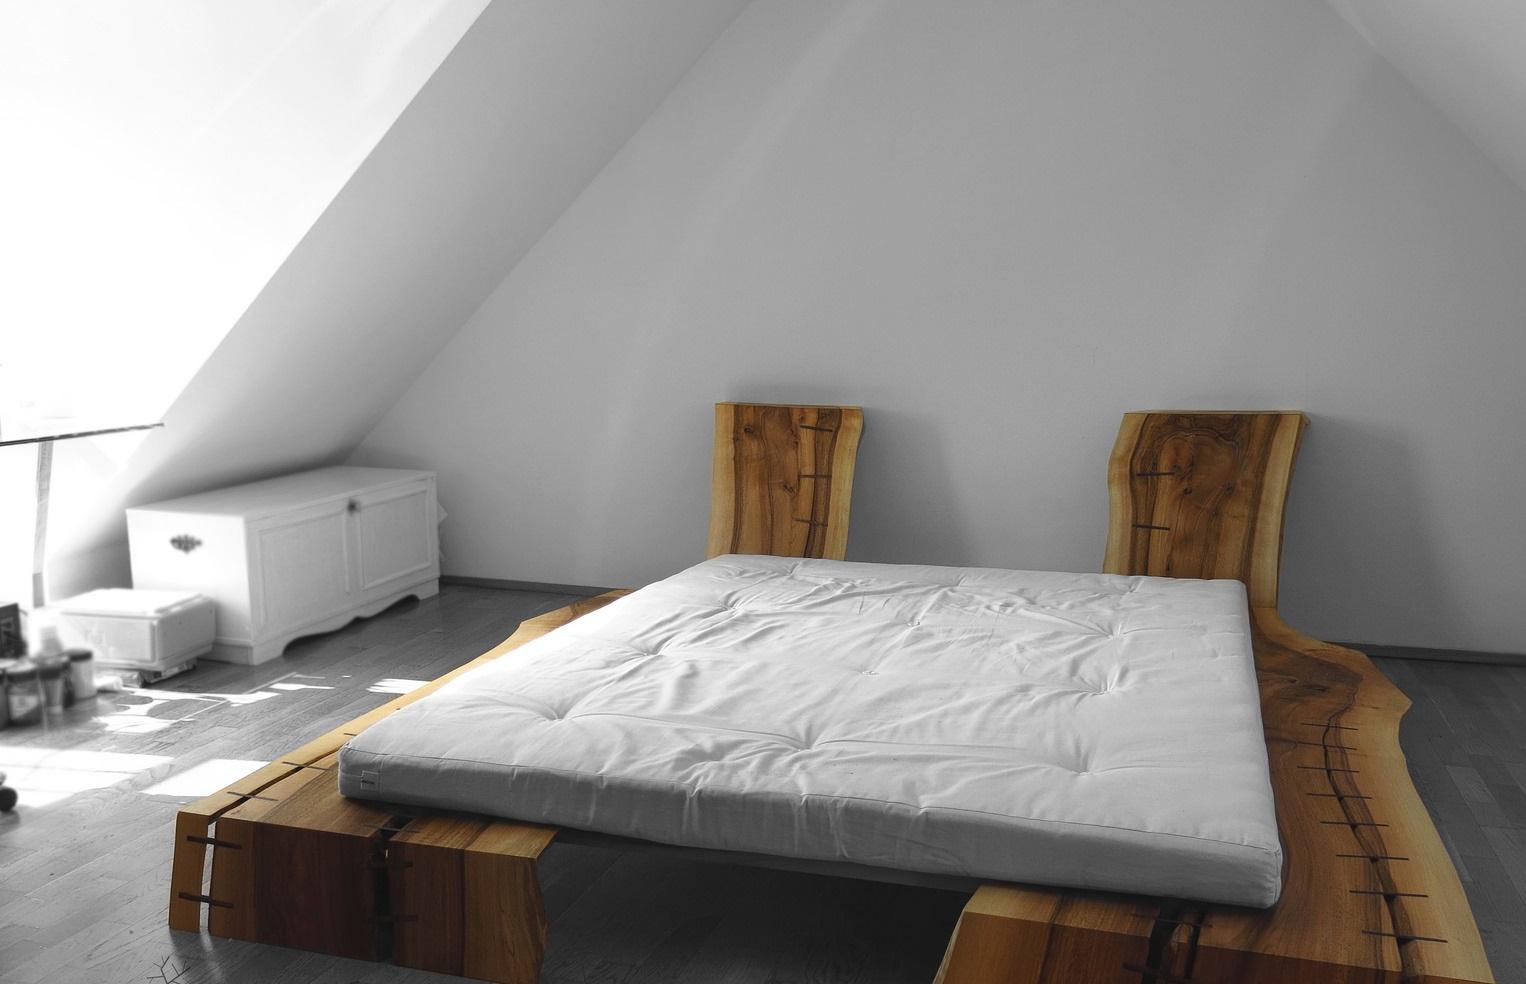 Letto Futon Bimbi : Materasso futon tutti i vantaggi di dormire alla giapponese